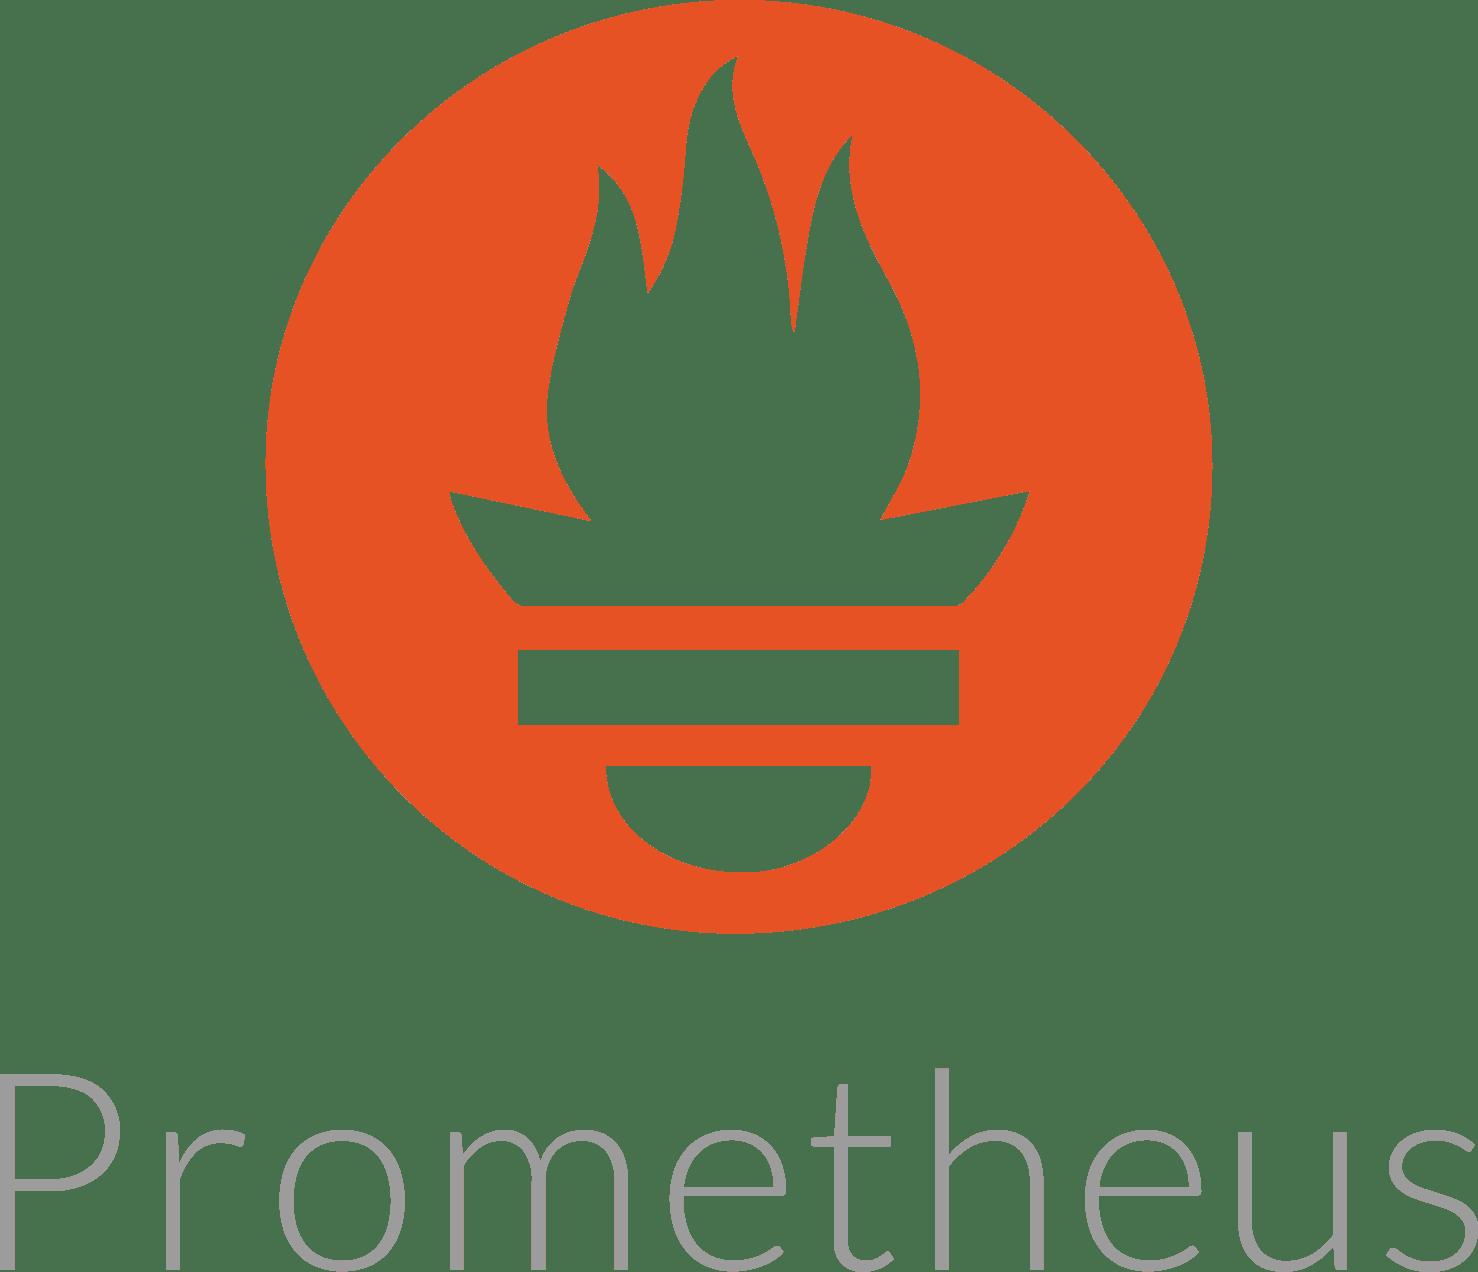 Prometheus Logo In 2021 Logos Vector Logo Tech Company Logos